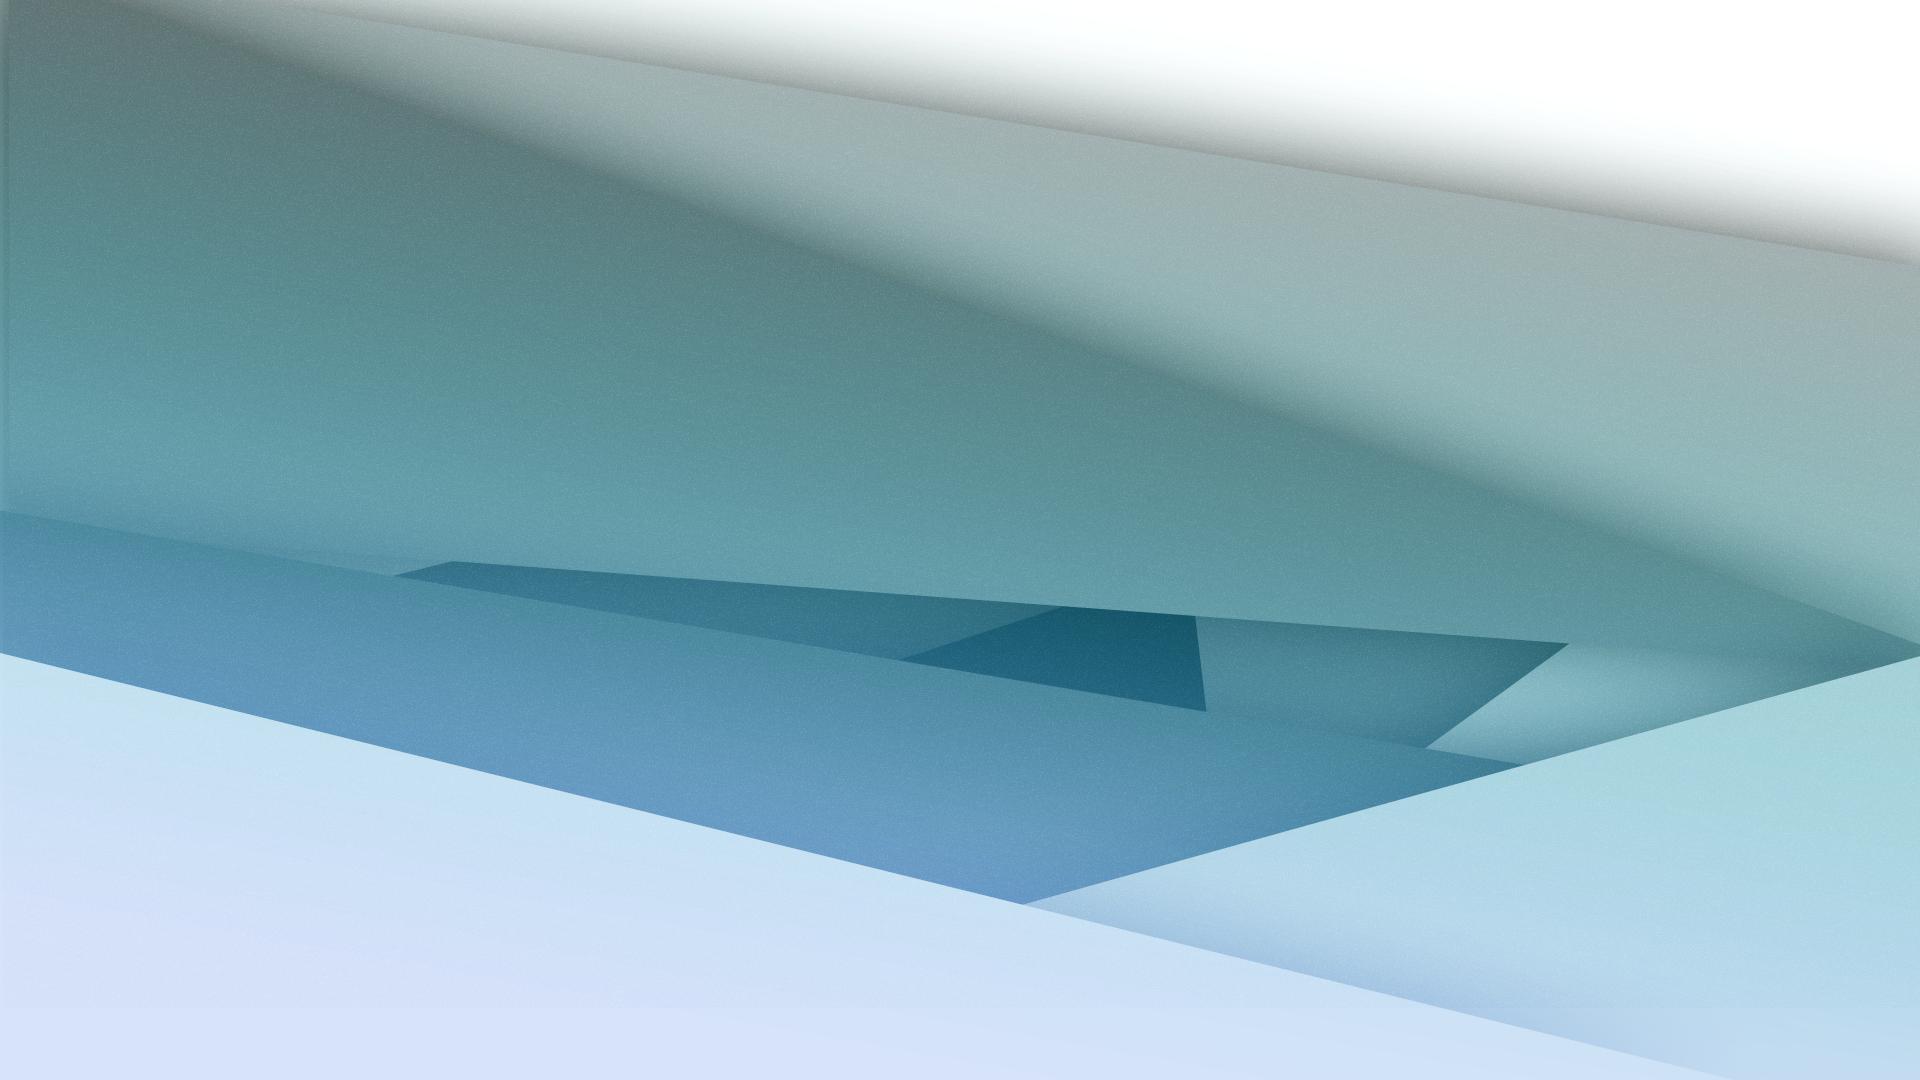 シックなフラットロールの背景素材!SNSのサムネイル用の無料画像_青